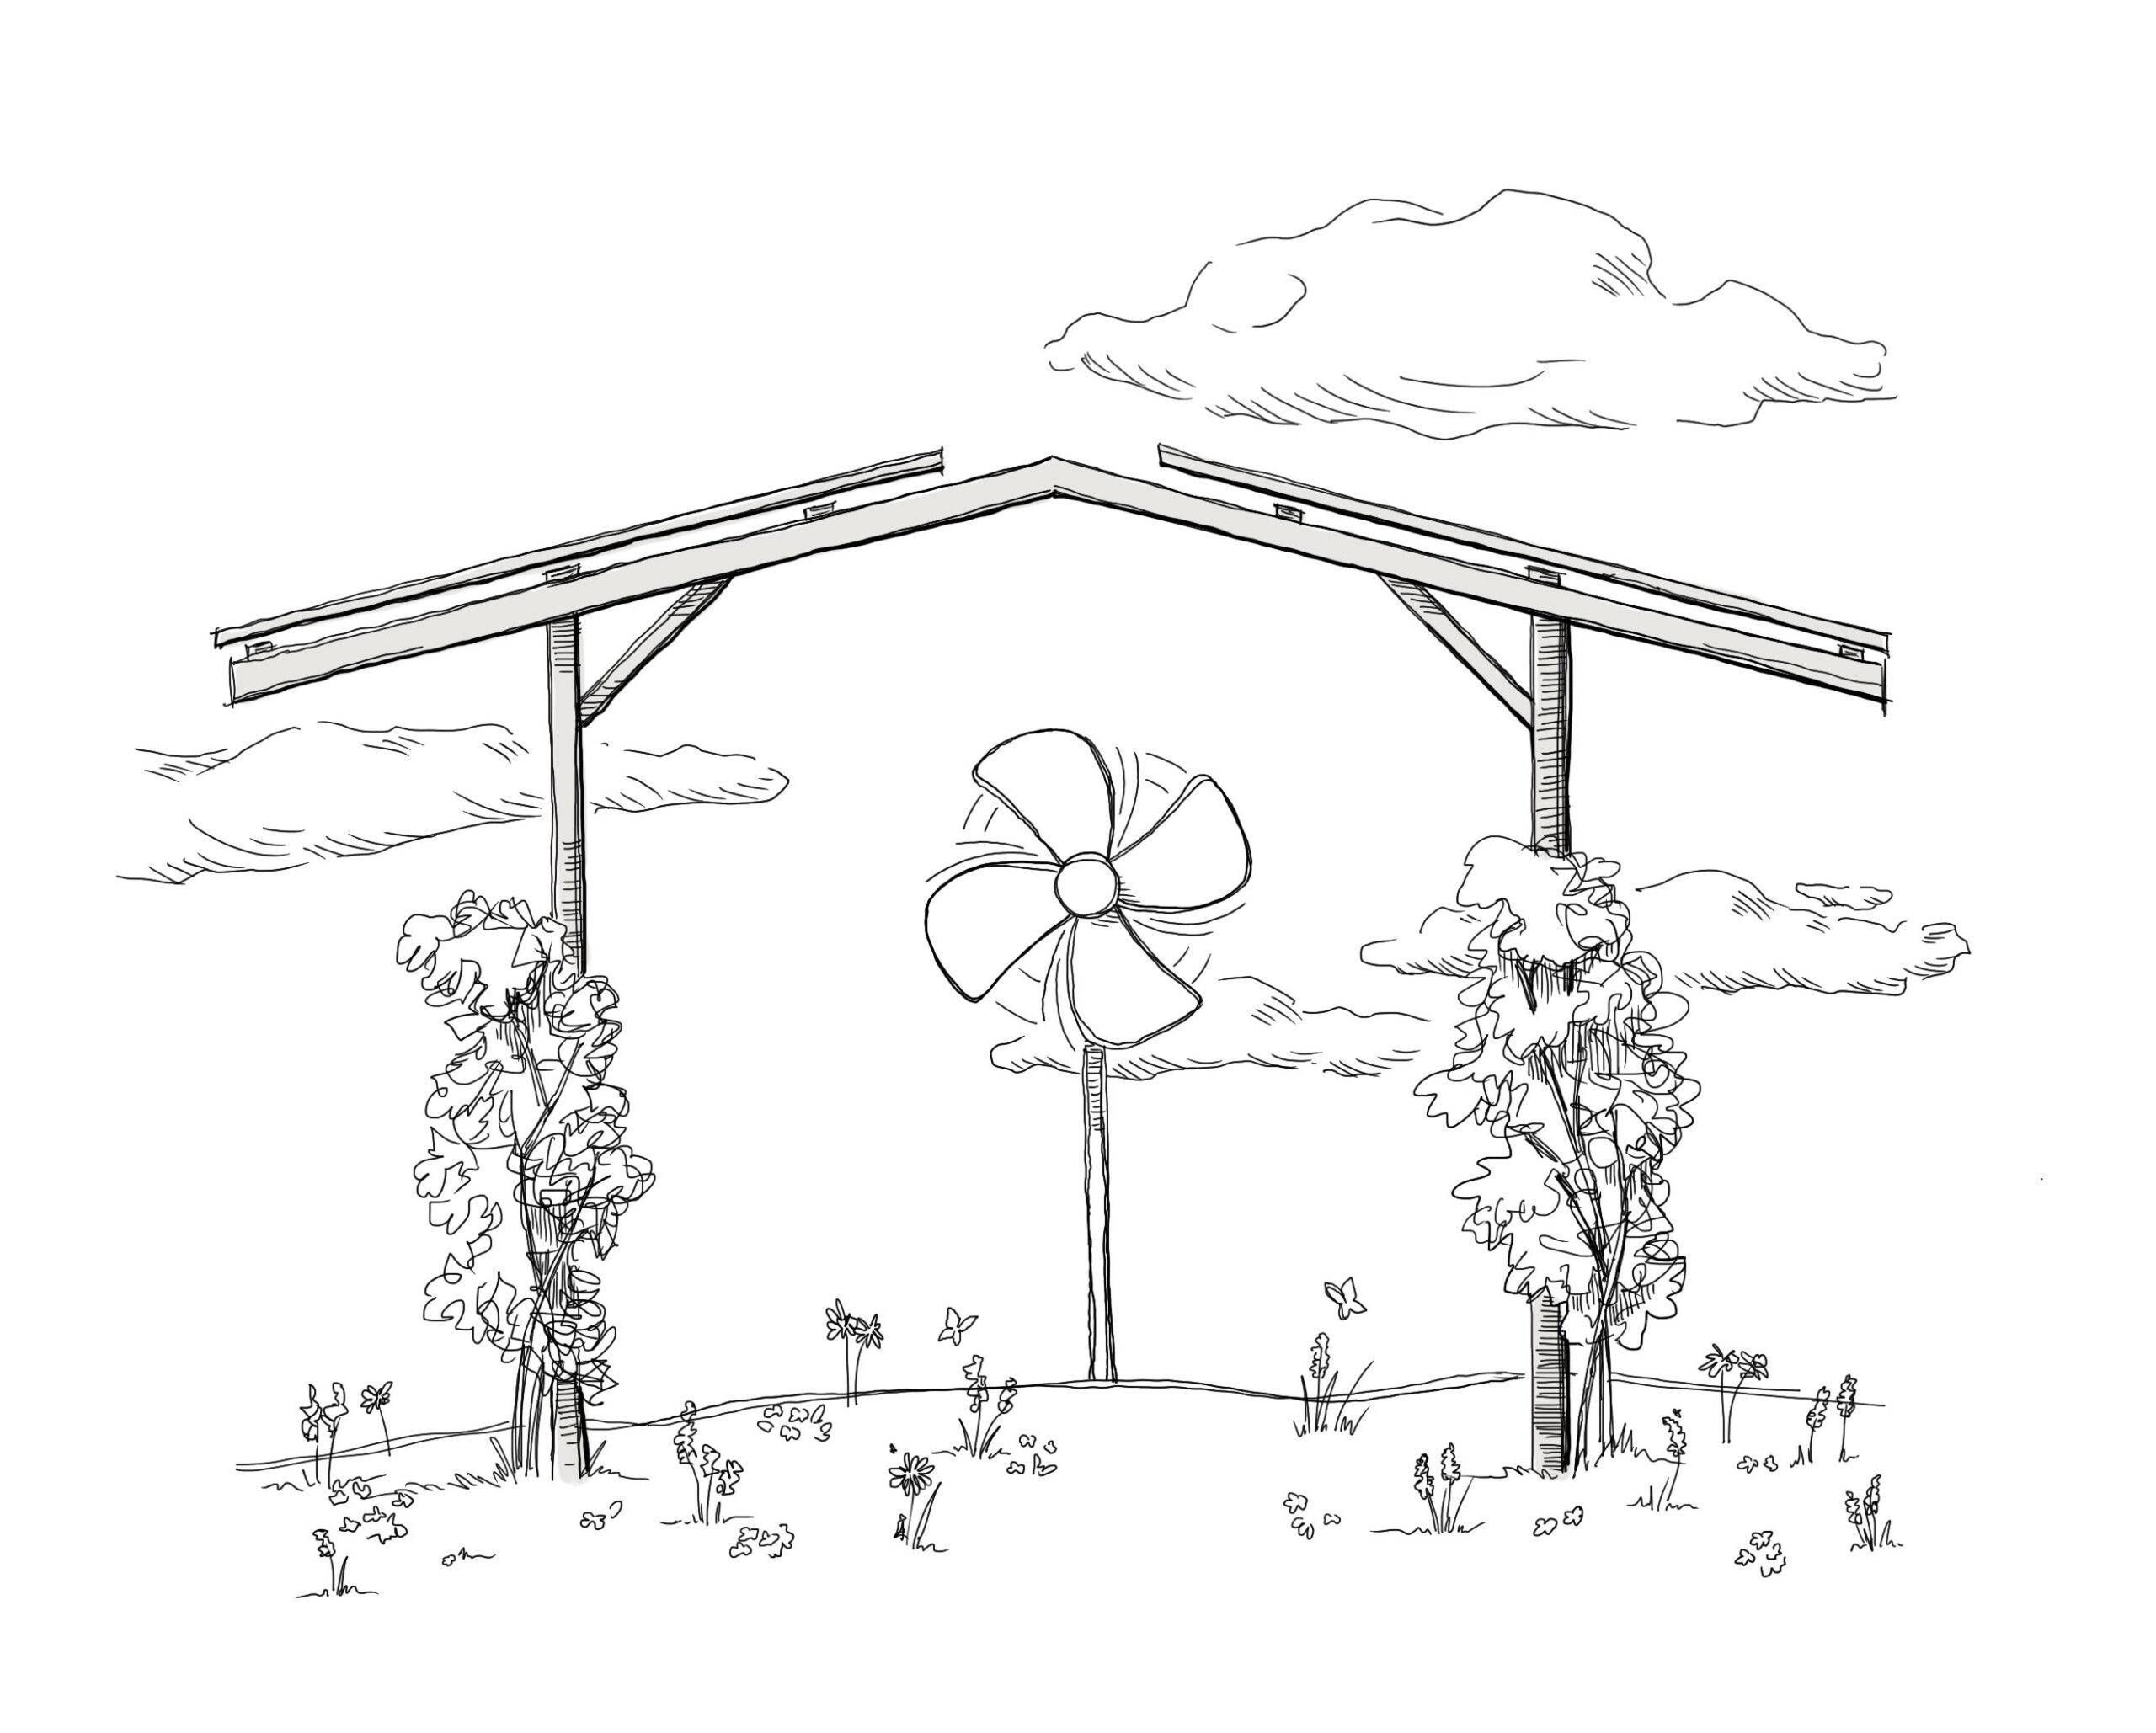 Vorteile-Agri-PV-Solardach-über-Agrarfläche Durchlüftung